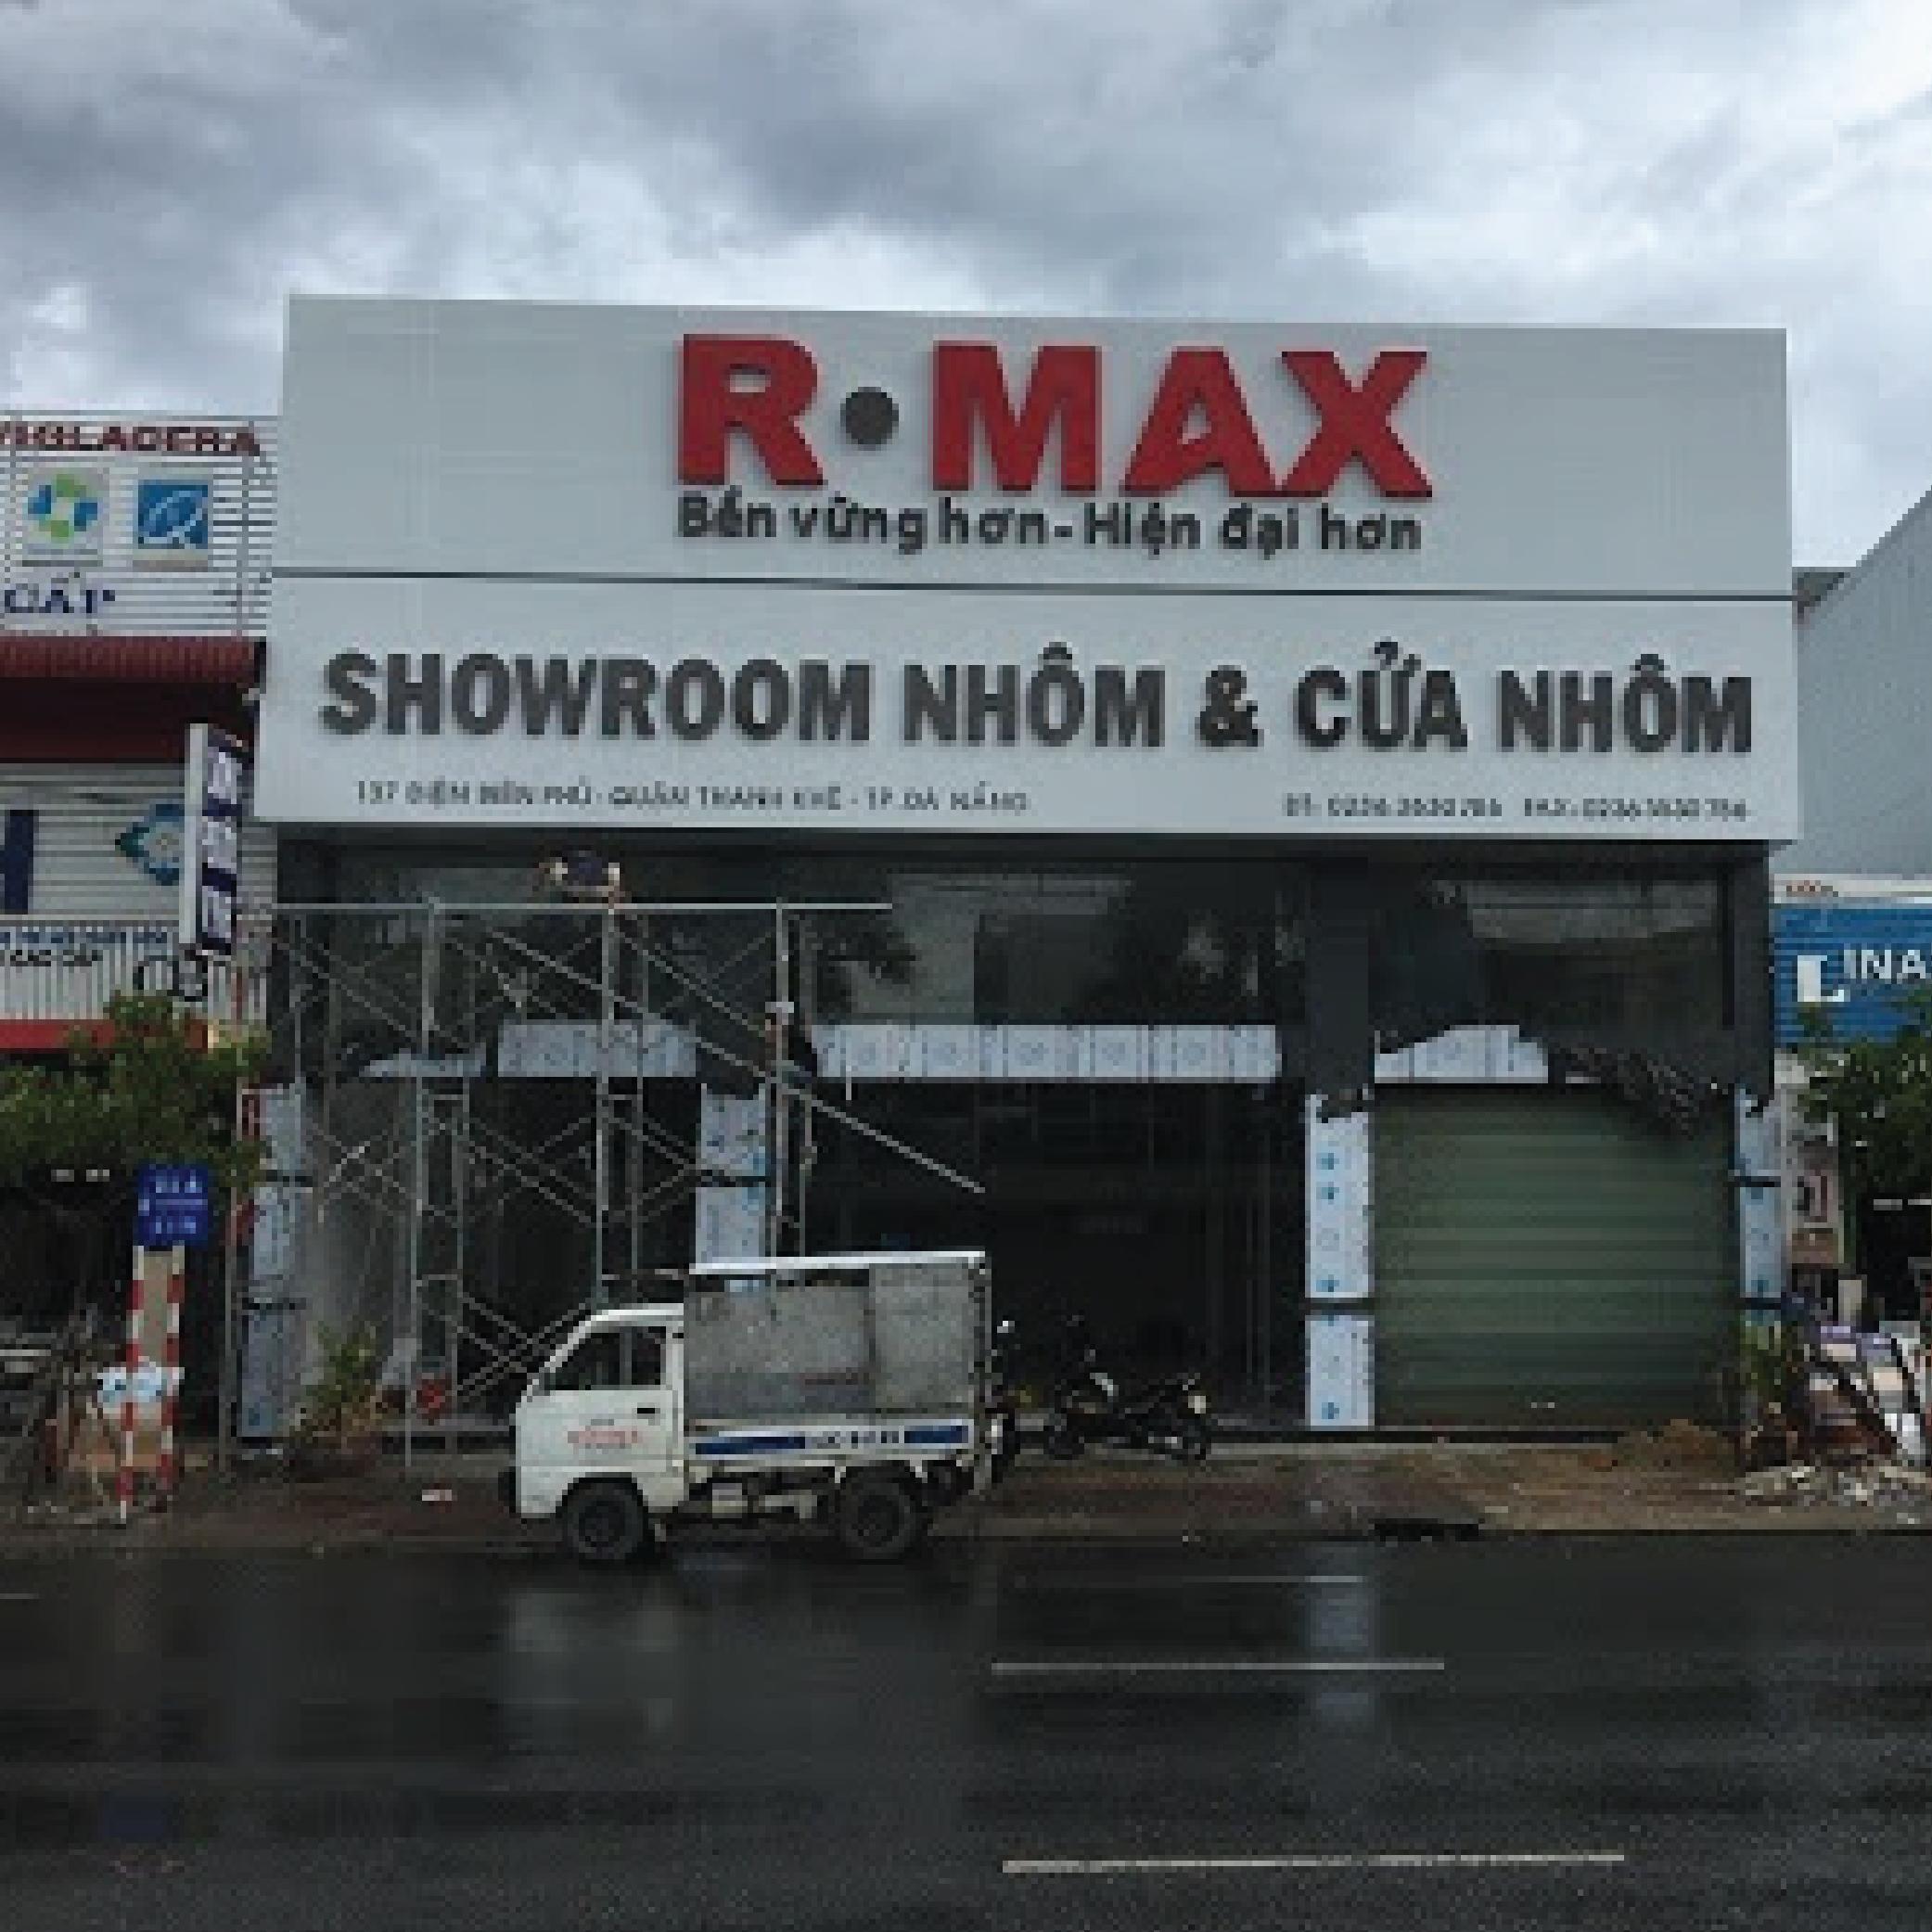 cửa nhôm r max đà nẵng-01